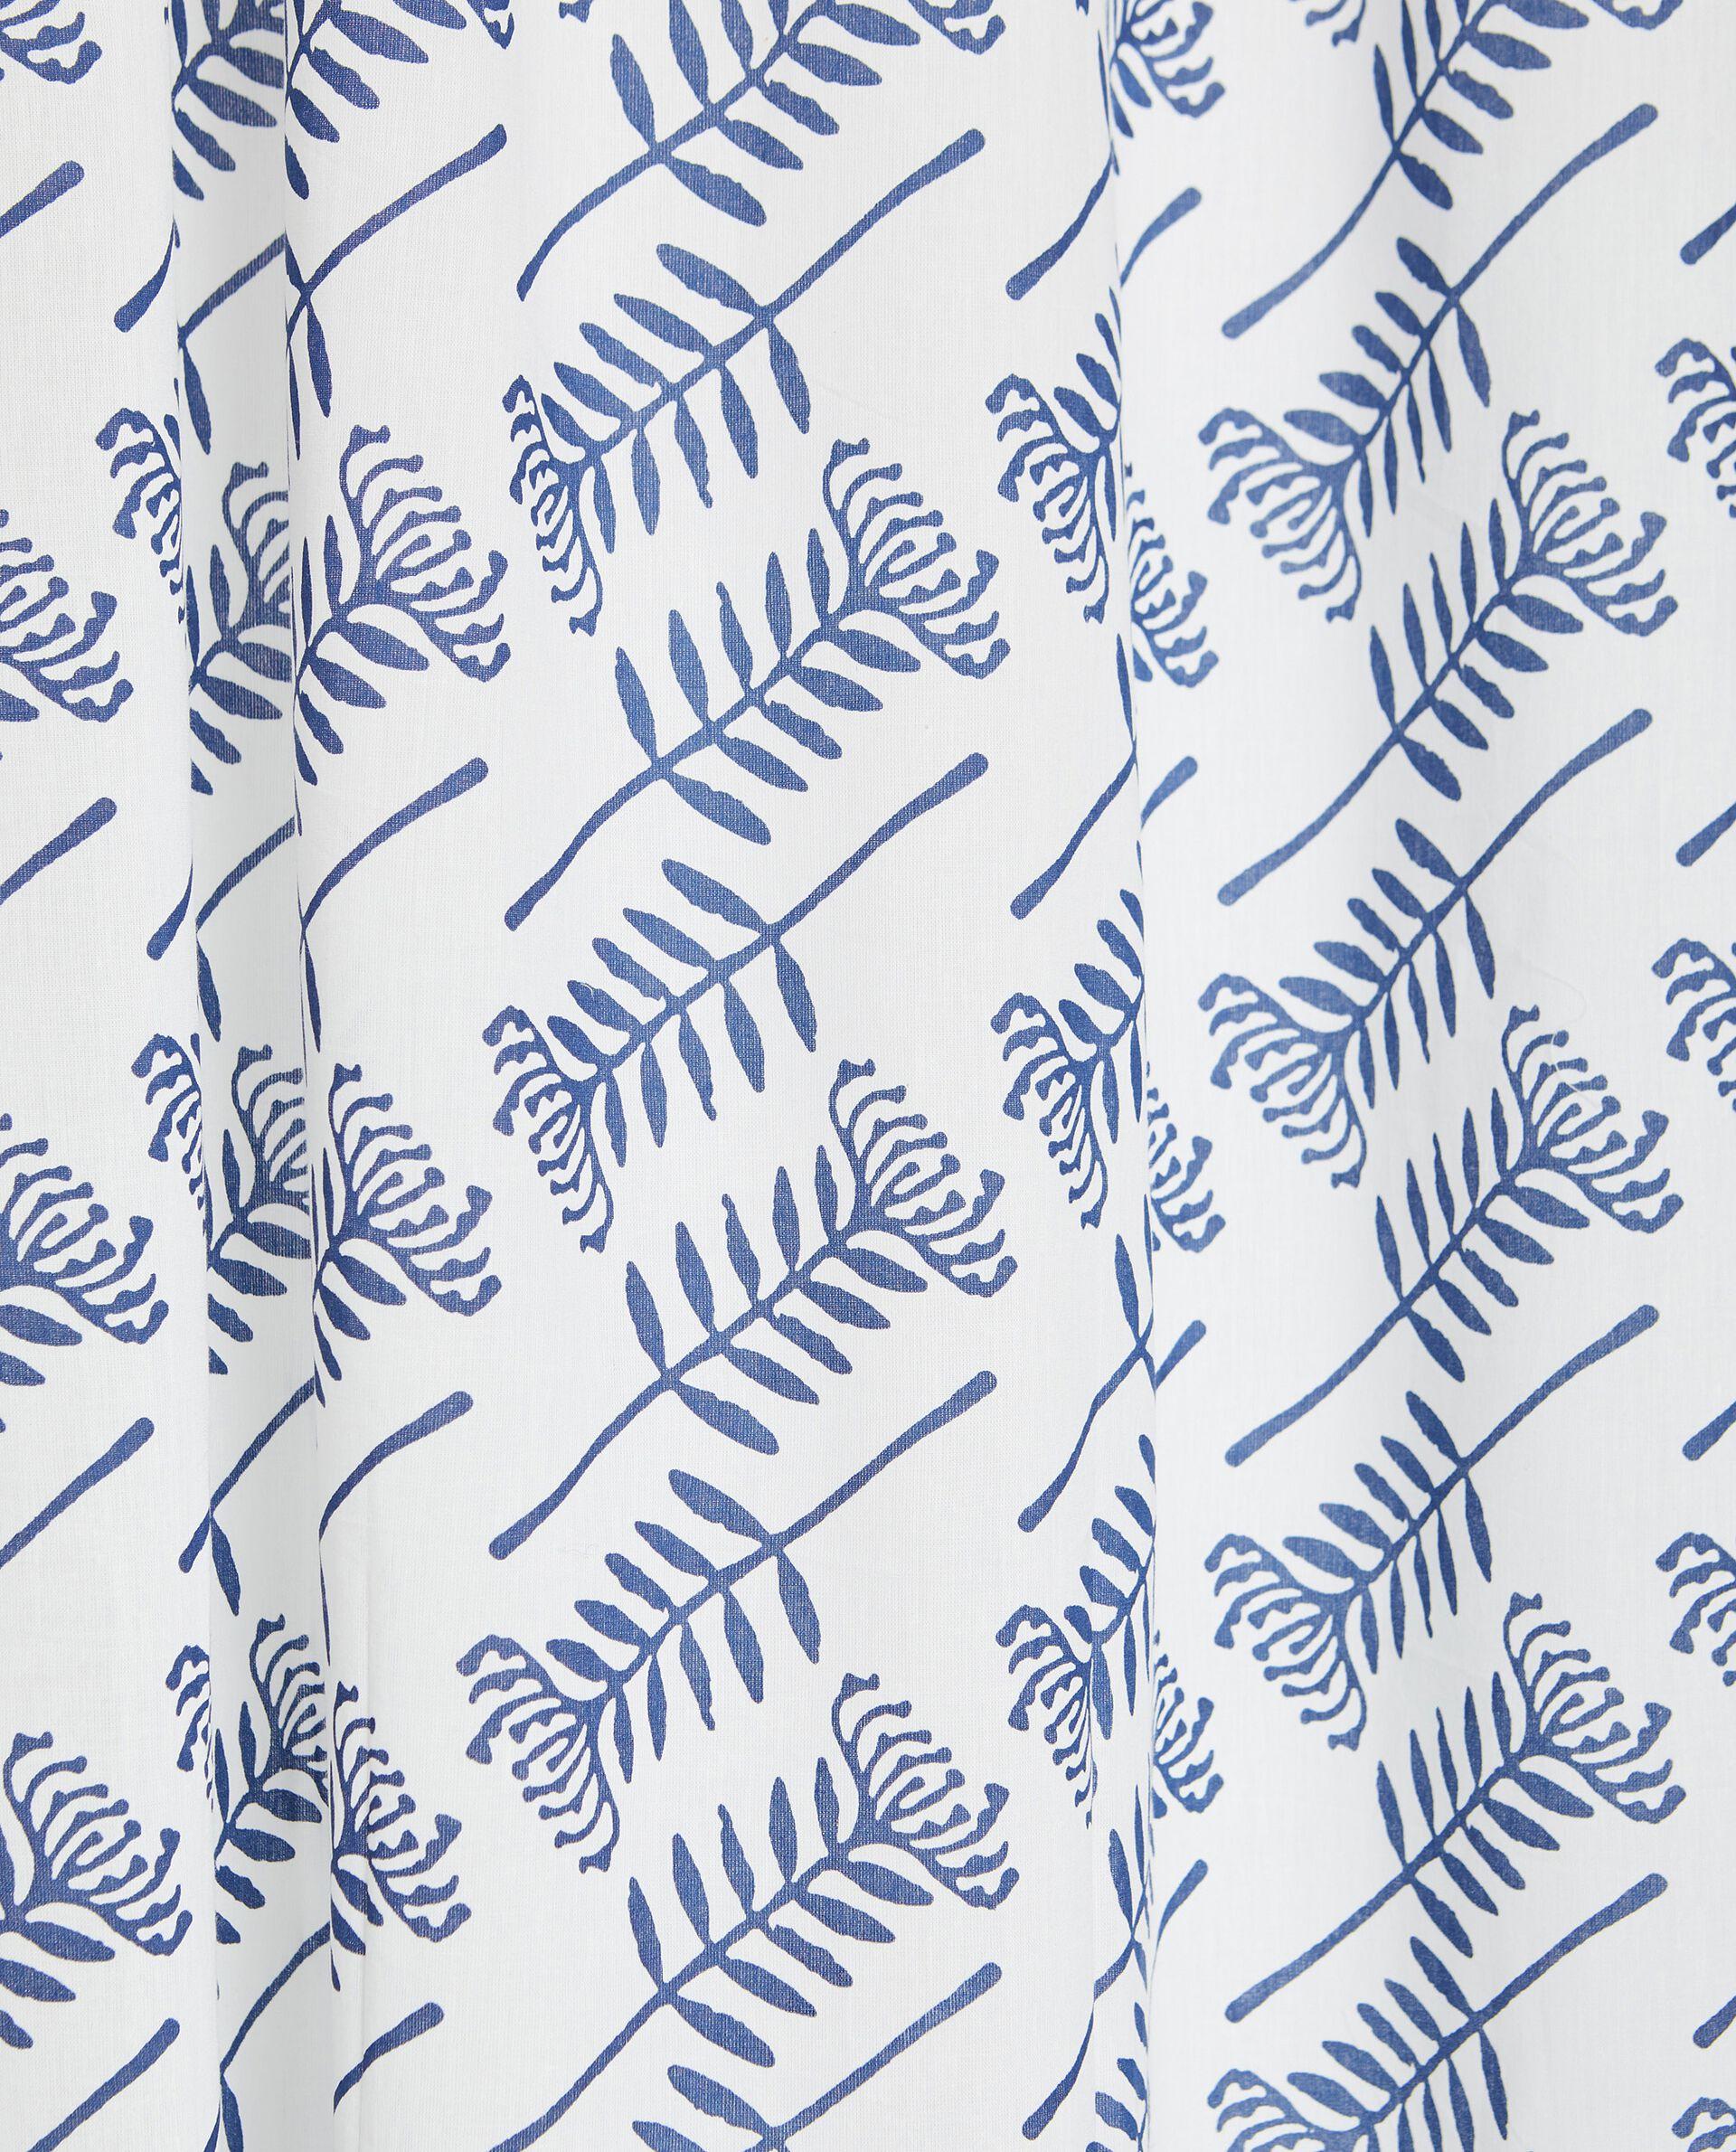 Tenda stampata all over in puro cotone